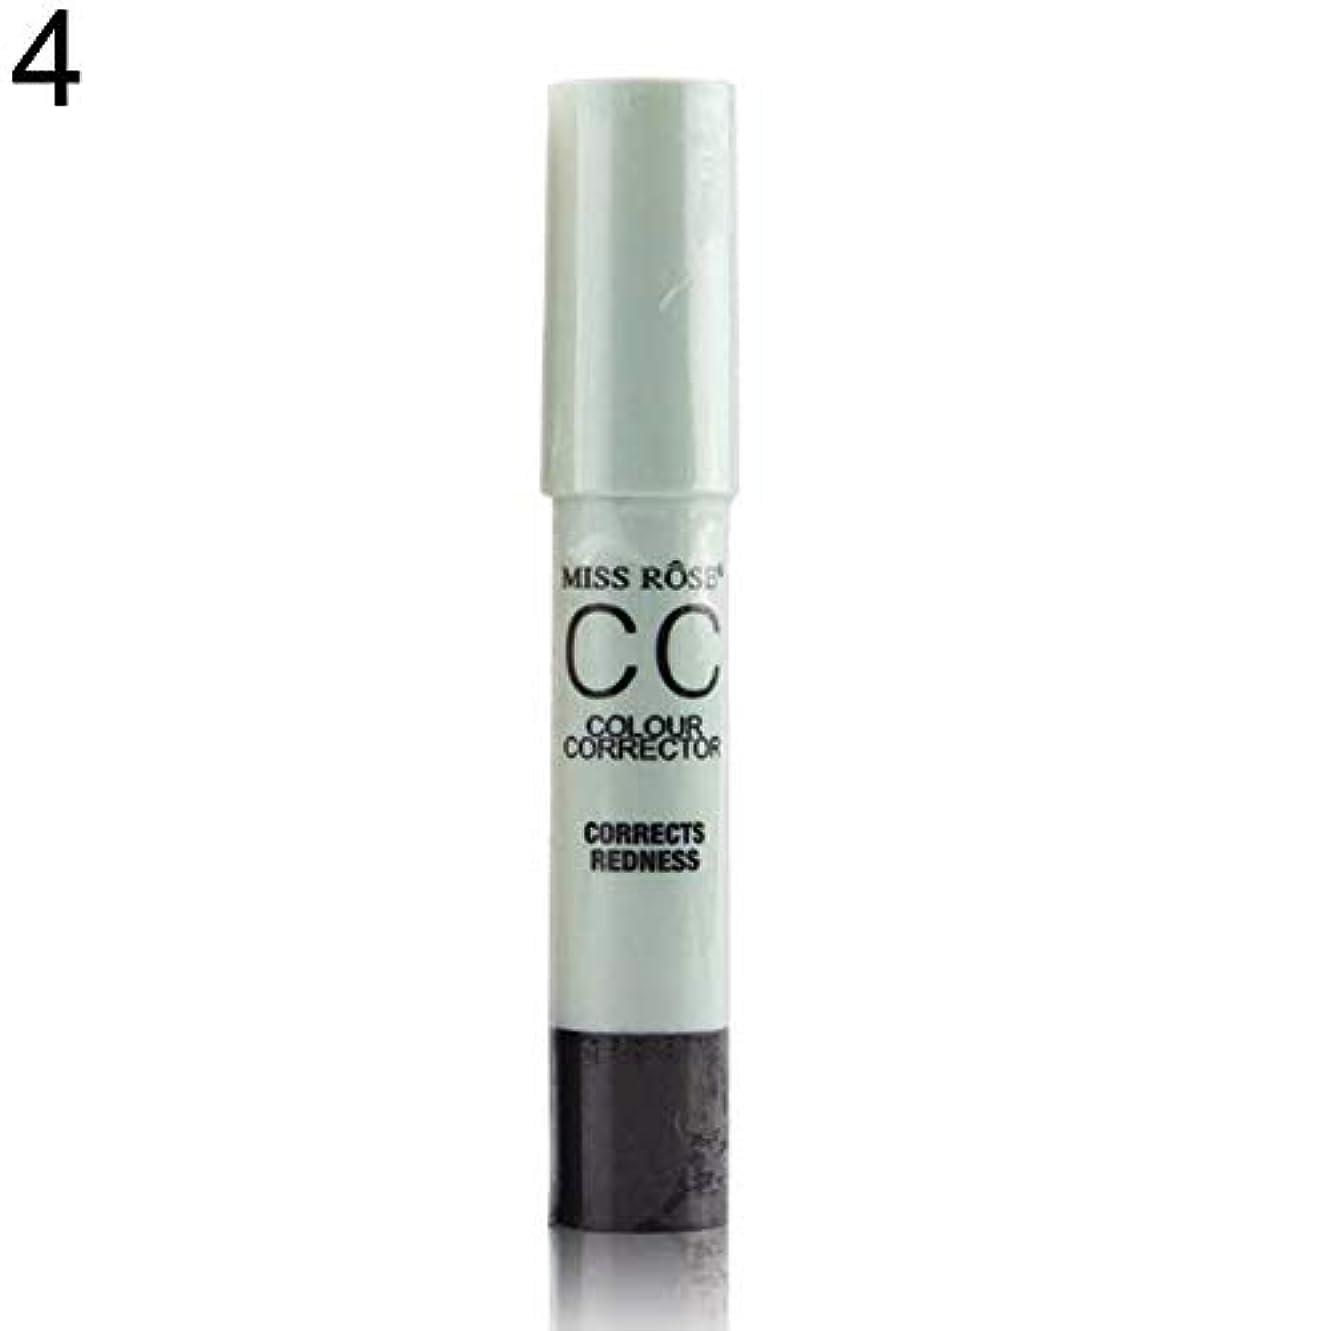 必需品検証両方ミスローズ顔メイクコンシーラー傷を隠すコレクタークリーム輪郭スティック - 4#